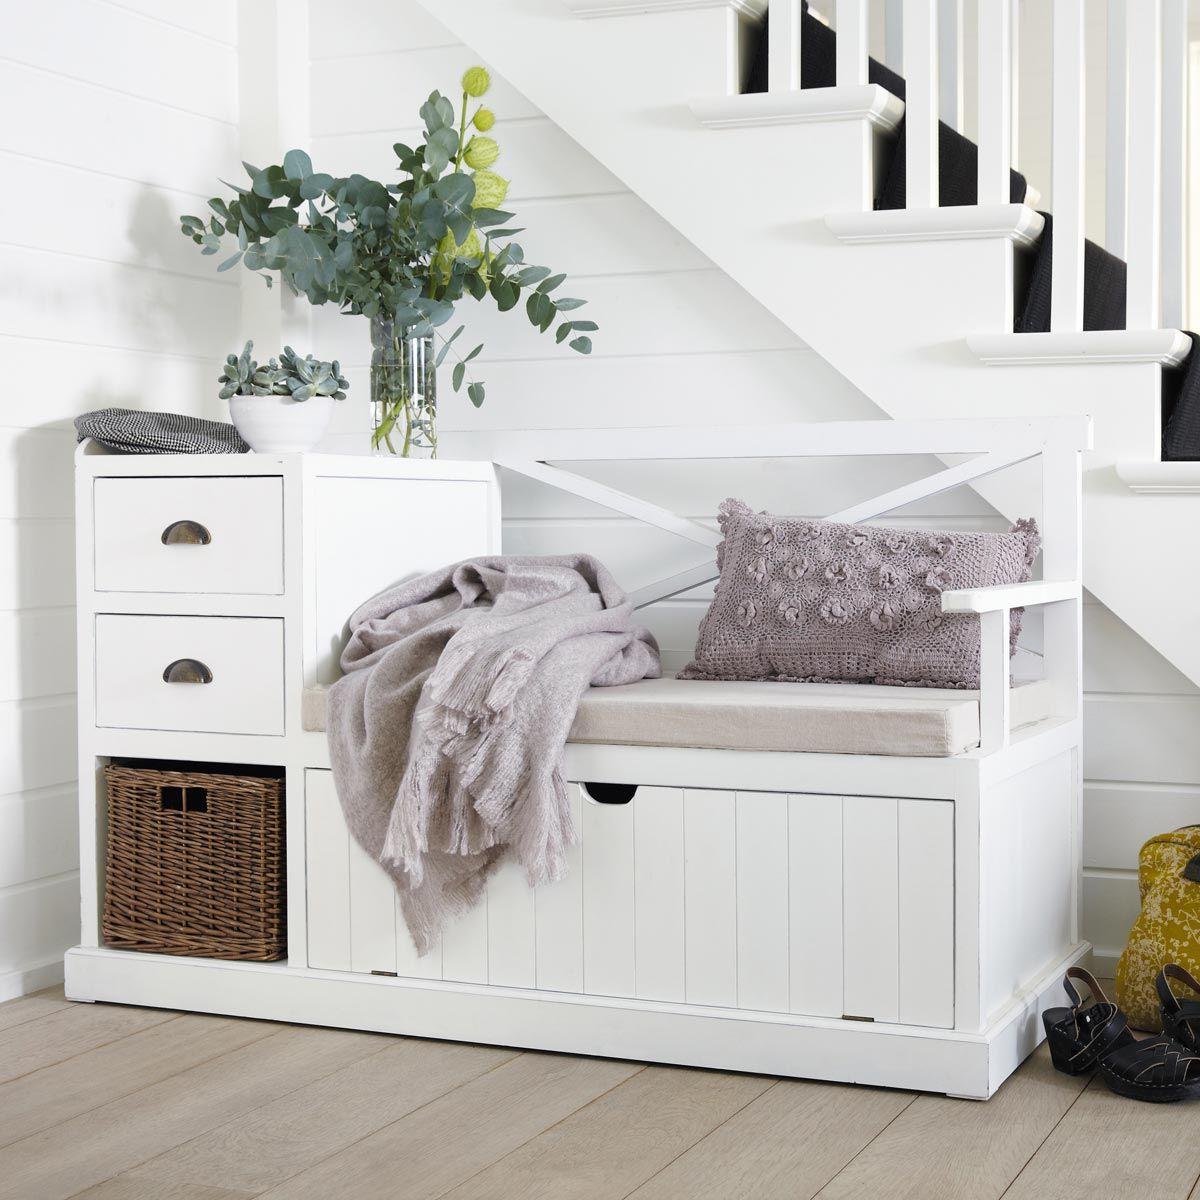 Muebles De Entrada Blancos D0dg Mueble De Entrada Blanco Muebles Pinterest Muebles De Entrada